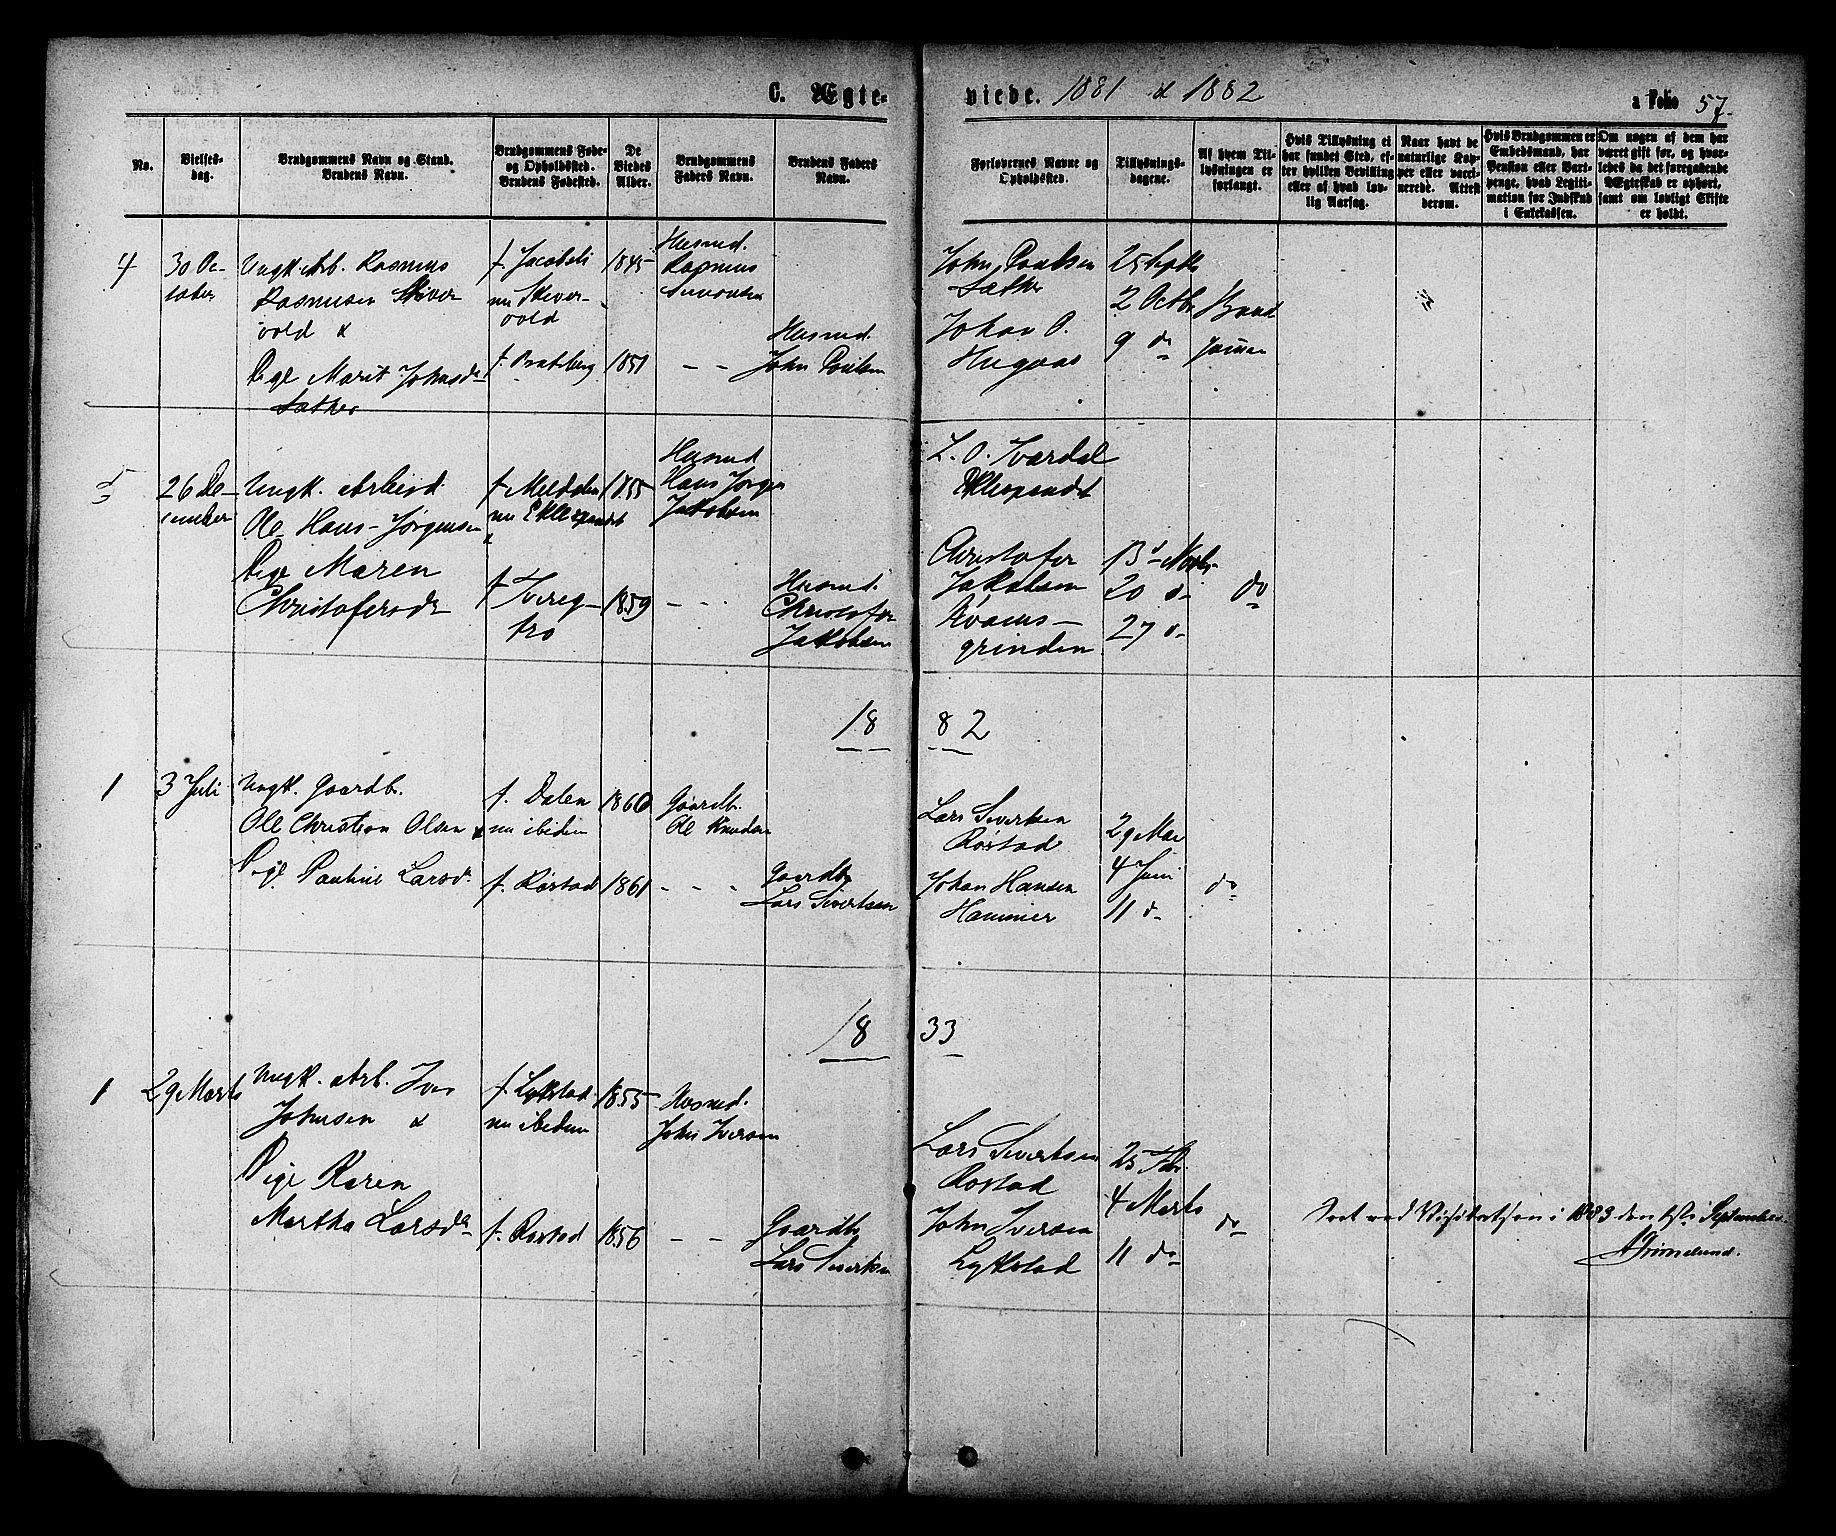 SAT, Ministerialprotokoller, klokkerbøker og fødselsregistre - Sør-Trøndelag, 608/L0334: Ministerialbok nr. 608A03, 1877-1886, s. 57